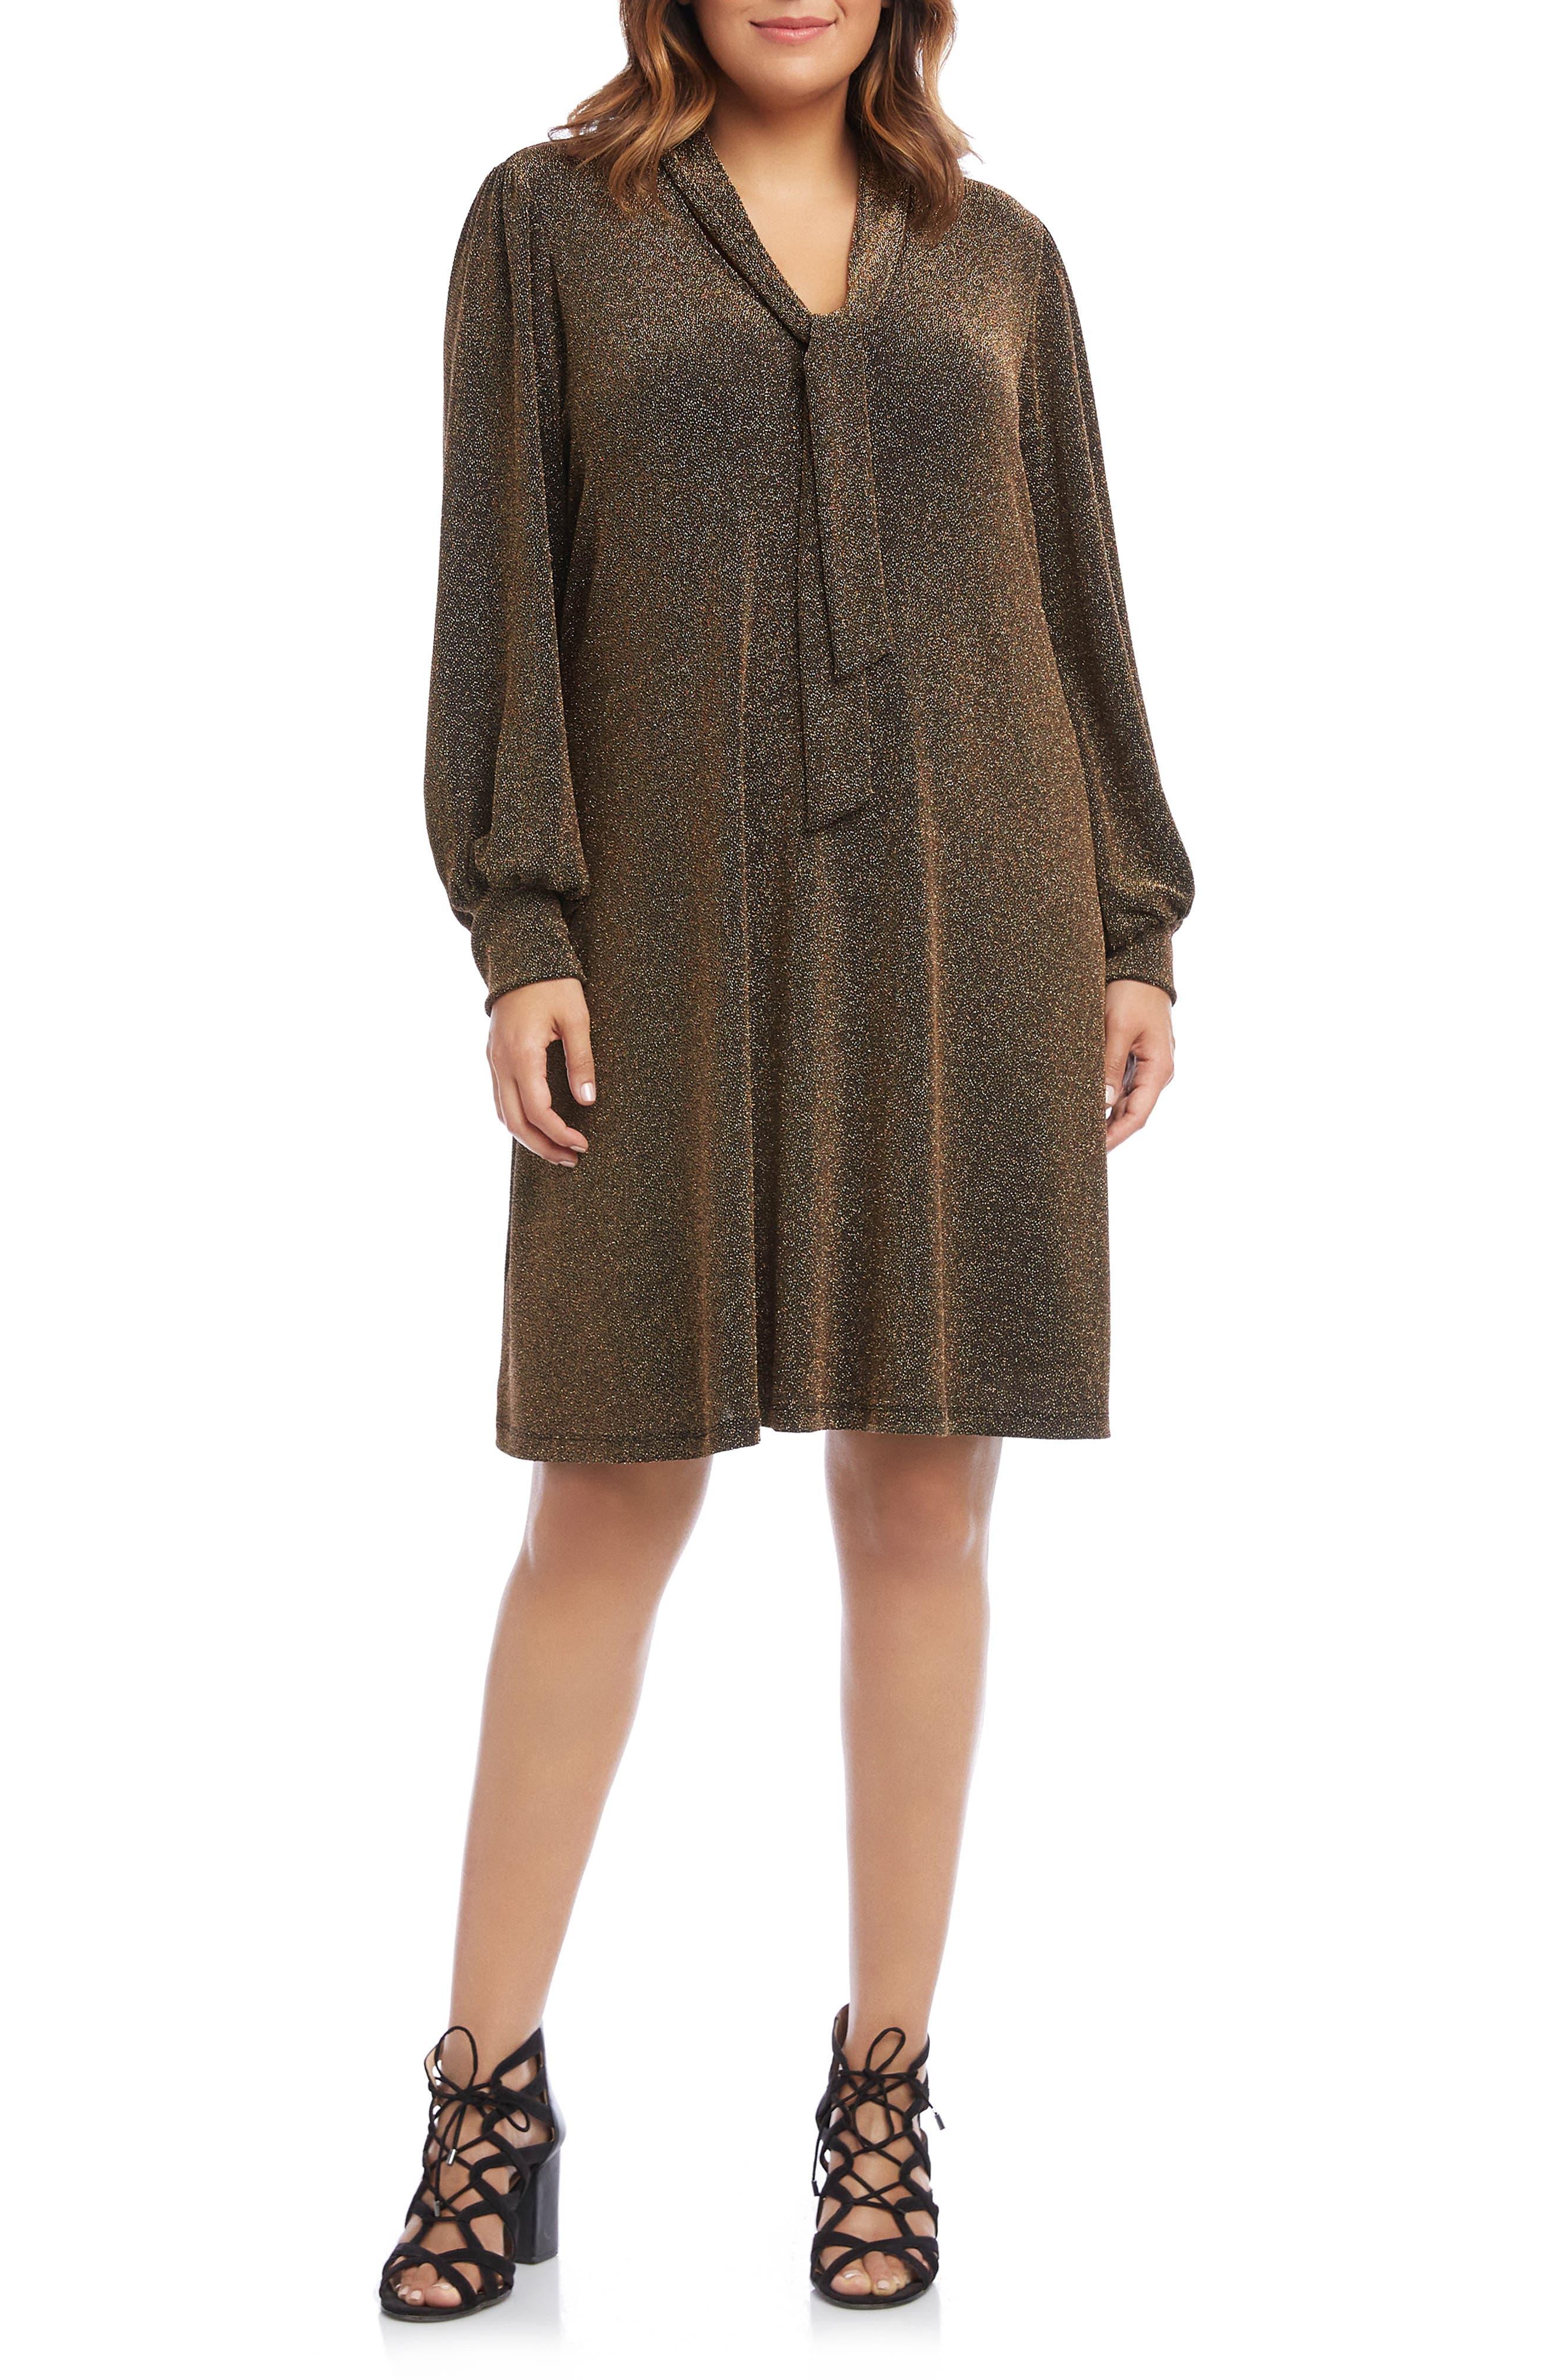 1930s Art Deco Plus Size Dresses | Tea Dresses, Party Dresses Plus Size Womens Karen Kane Taylor Tie Neck Sparkle Long Sleeve Dress Size 2X - Metallic $93.60 AT vintagedancer.com